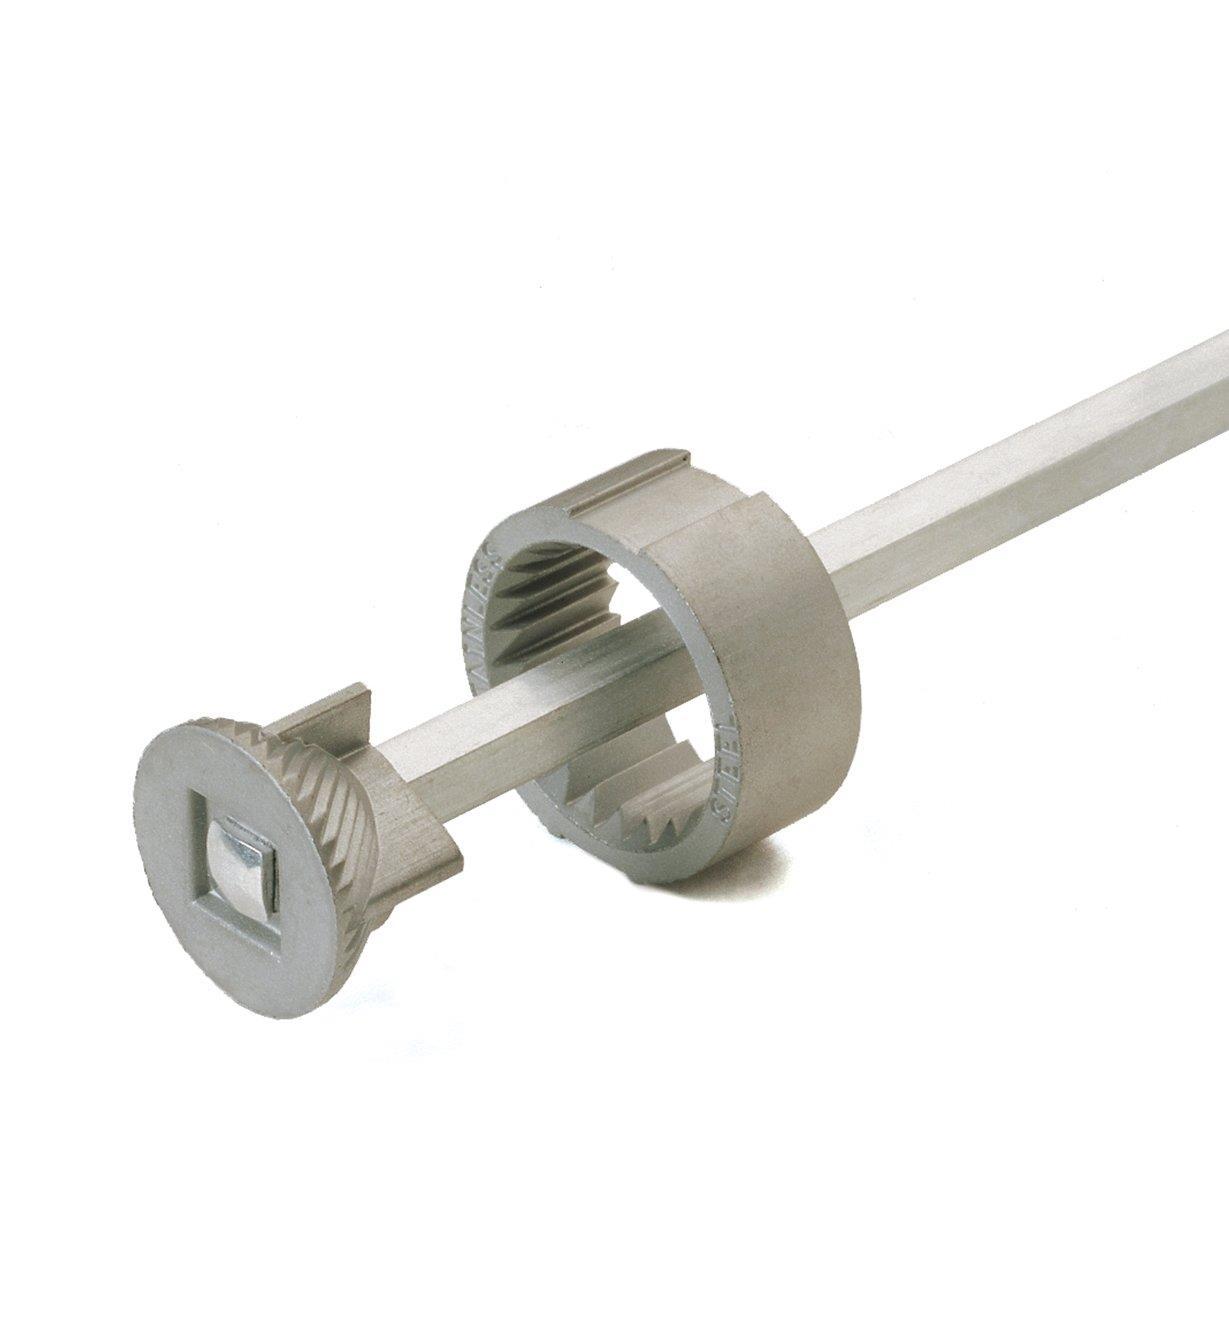 93K0320 - Mécanisme pour moulin à poivre, 8po